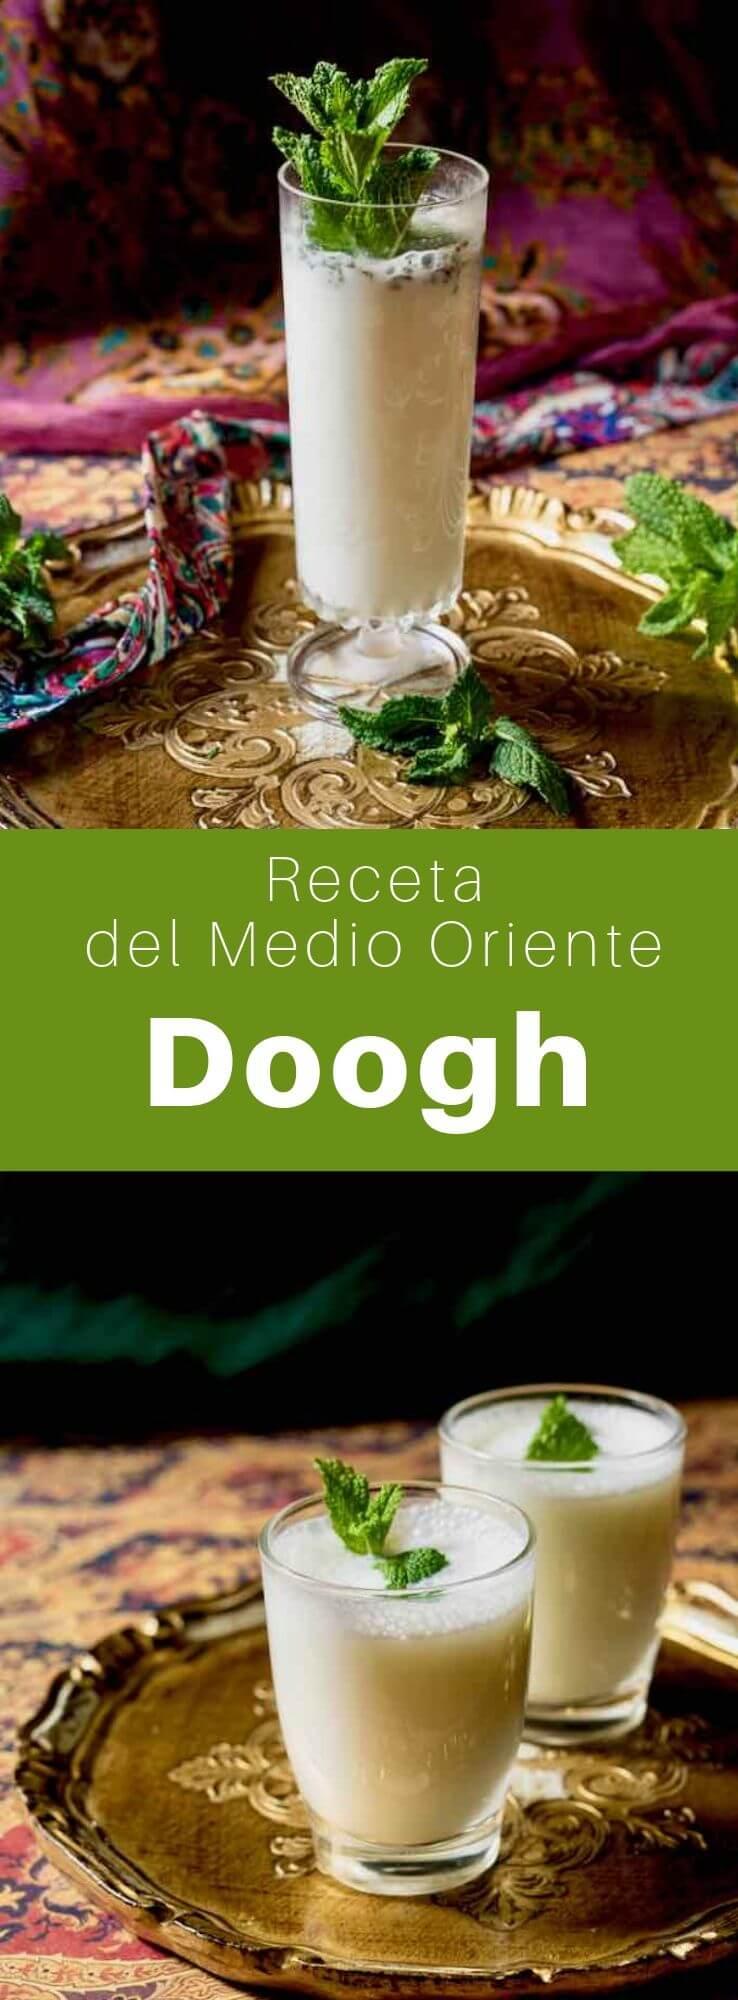 El doogh, también conocido como ayran o tan, es una bebida salada de yogur de cabra u oveja que es popular en Siria, Líbano y Turquía.